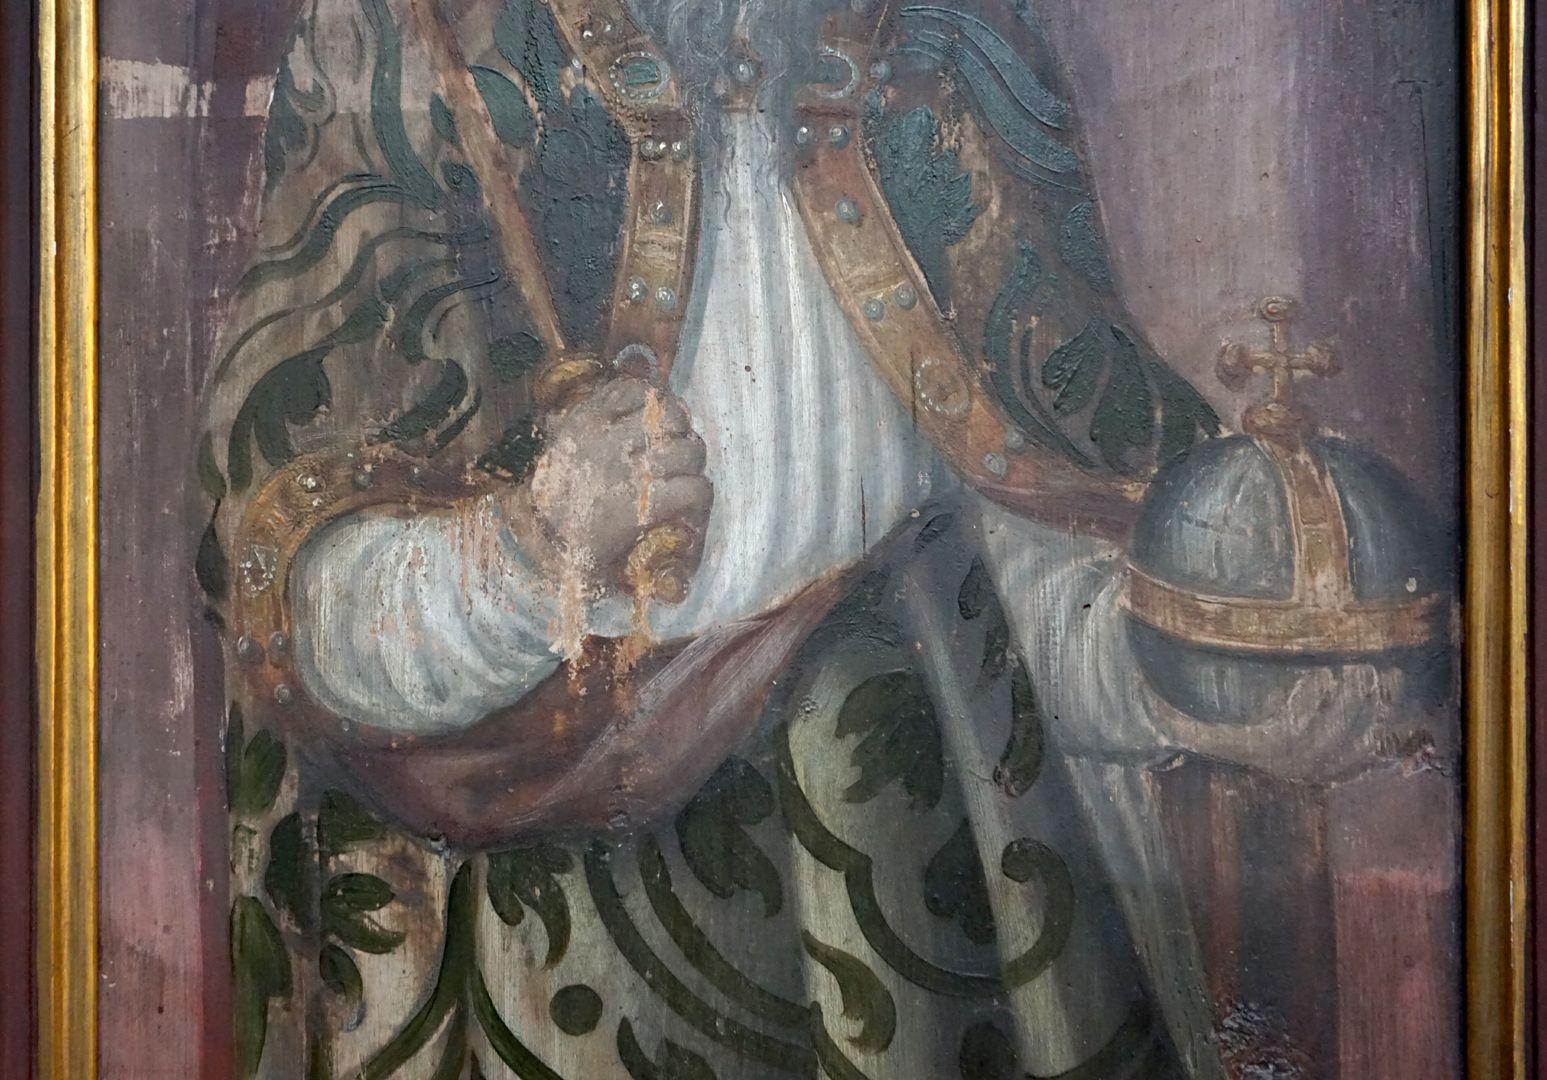 Zwei Altarflügel Kaiserdarstellung, Detail mit Zepter und Reichsapfel